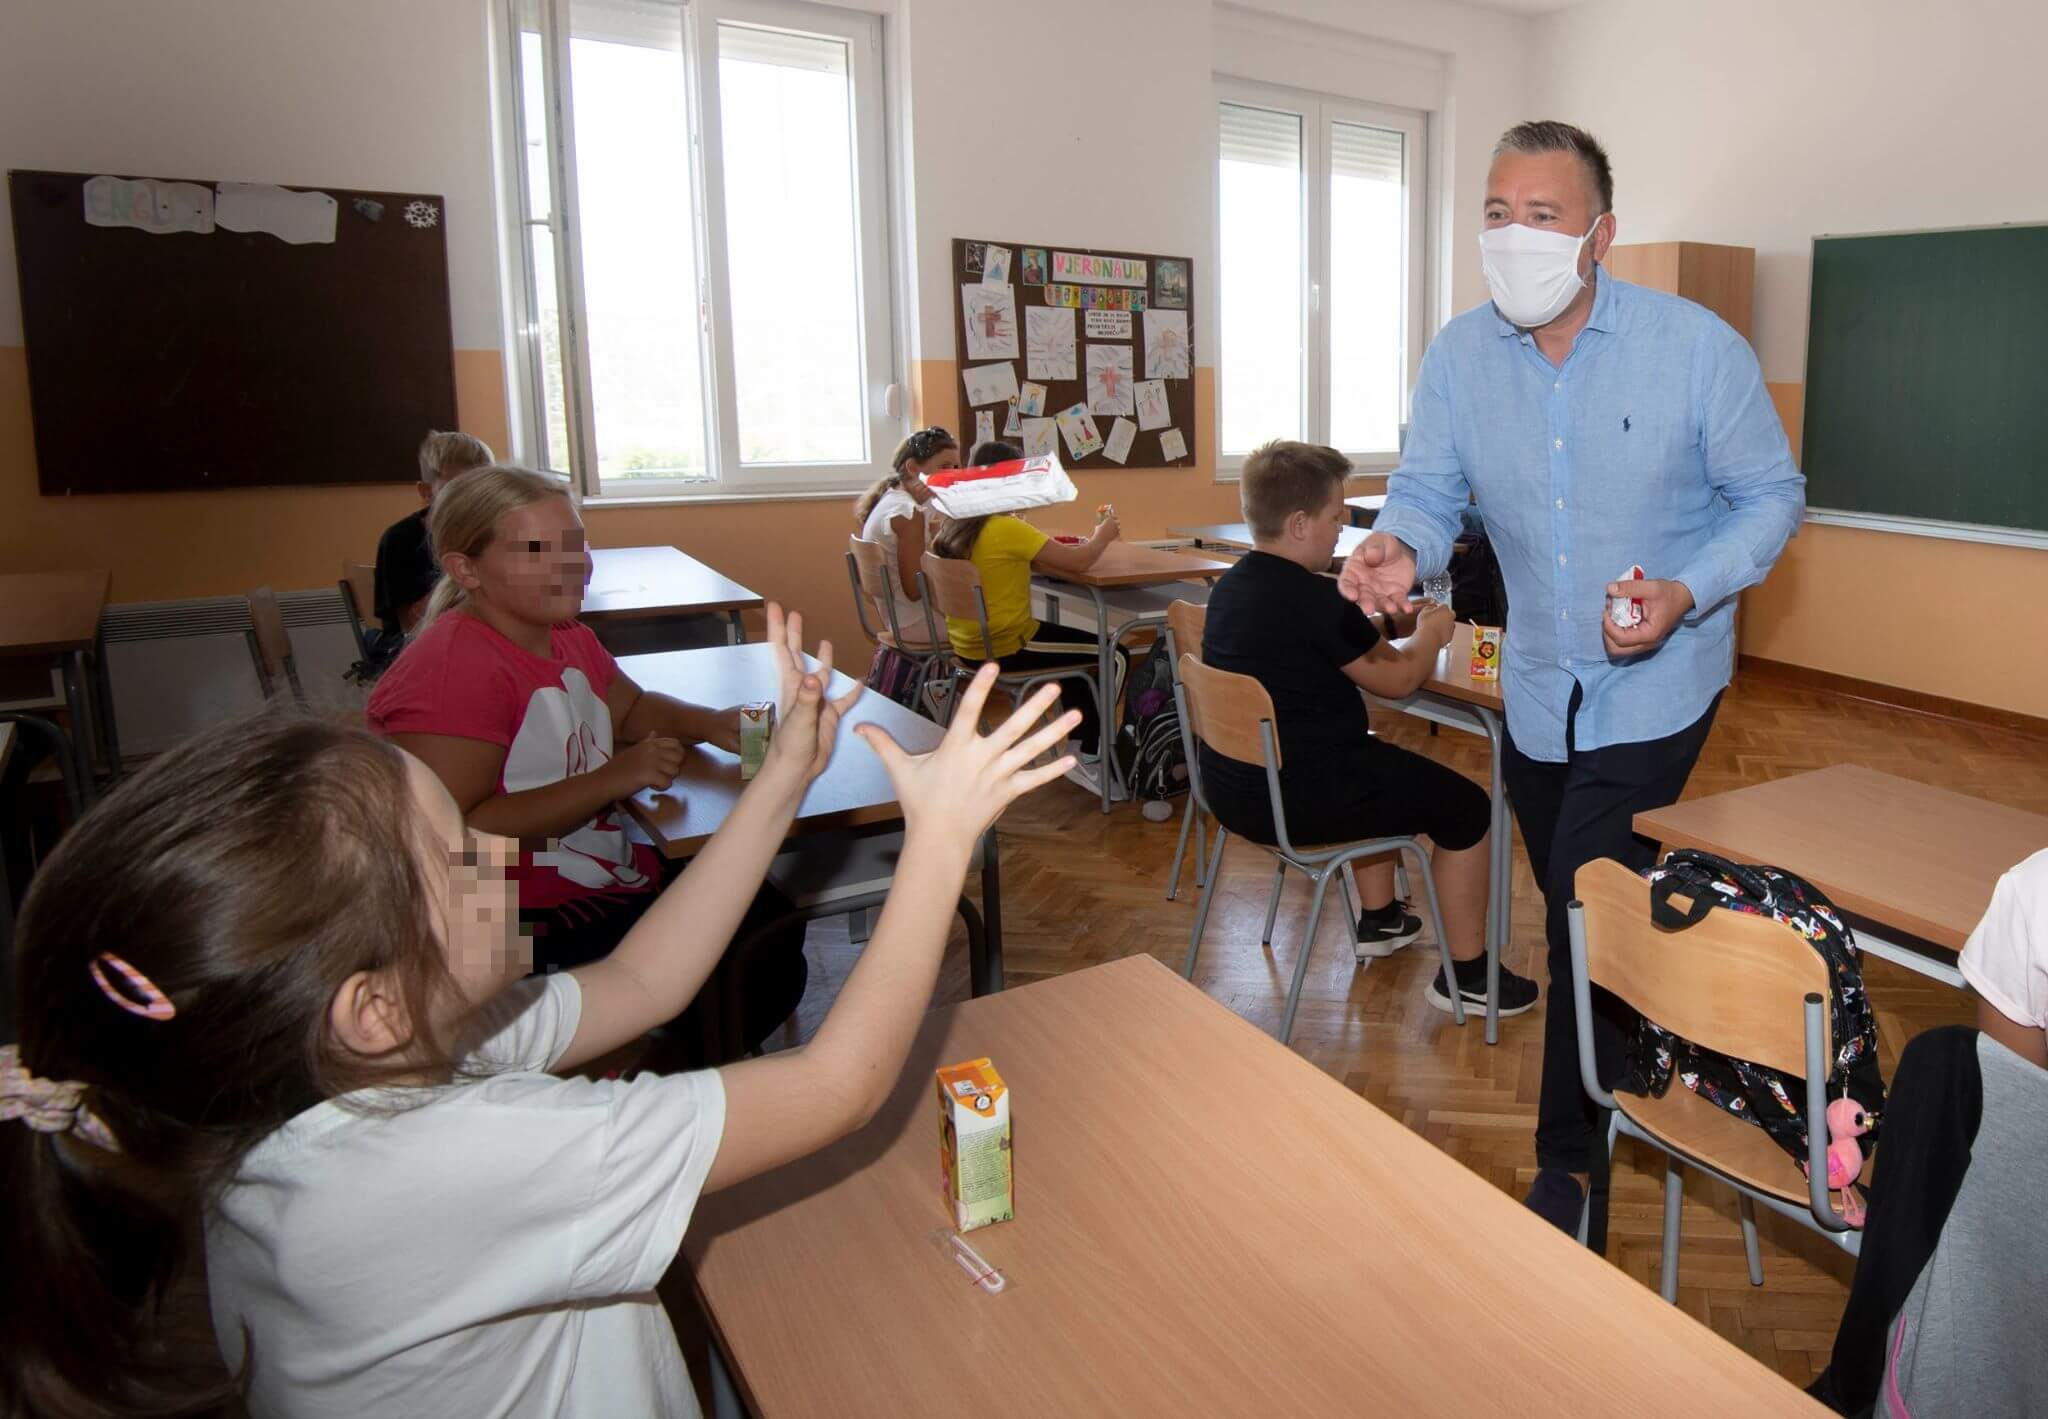 Ima li ljepše priče za prvi dan škole? Mala otočna škola zbog povećanja broja učenika morala je uvesti dodatnu učionicu